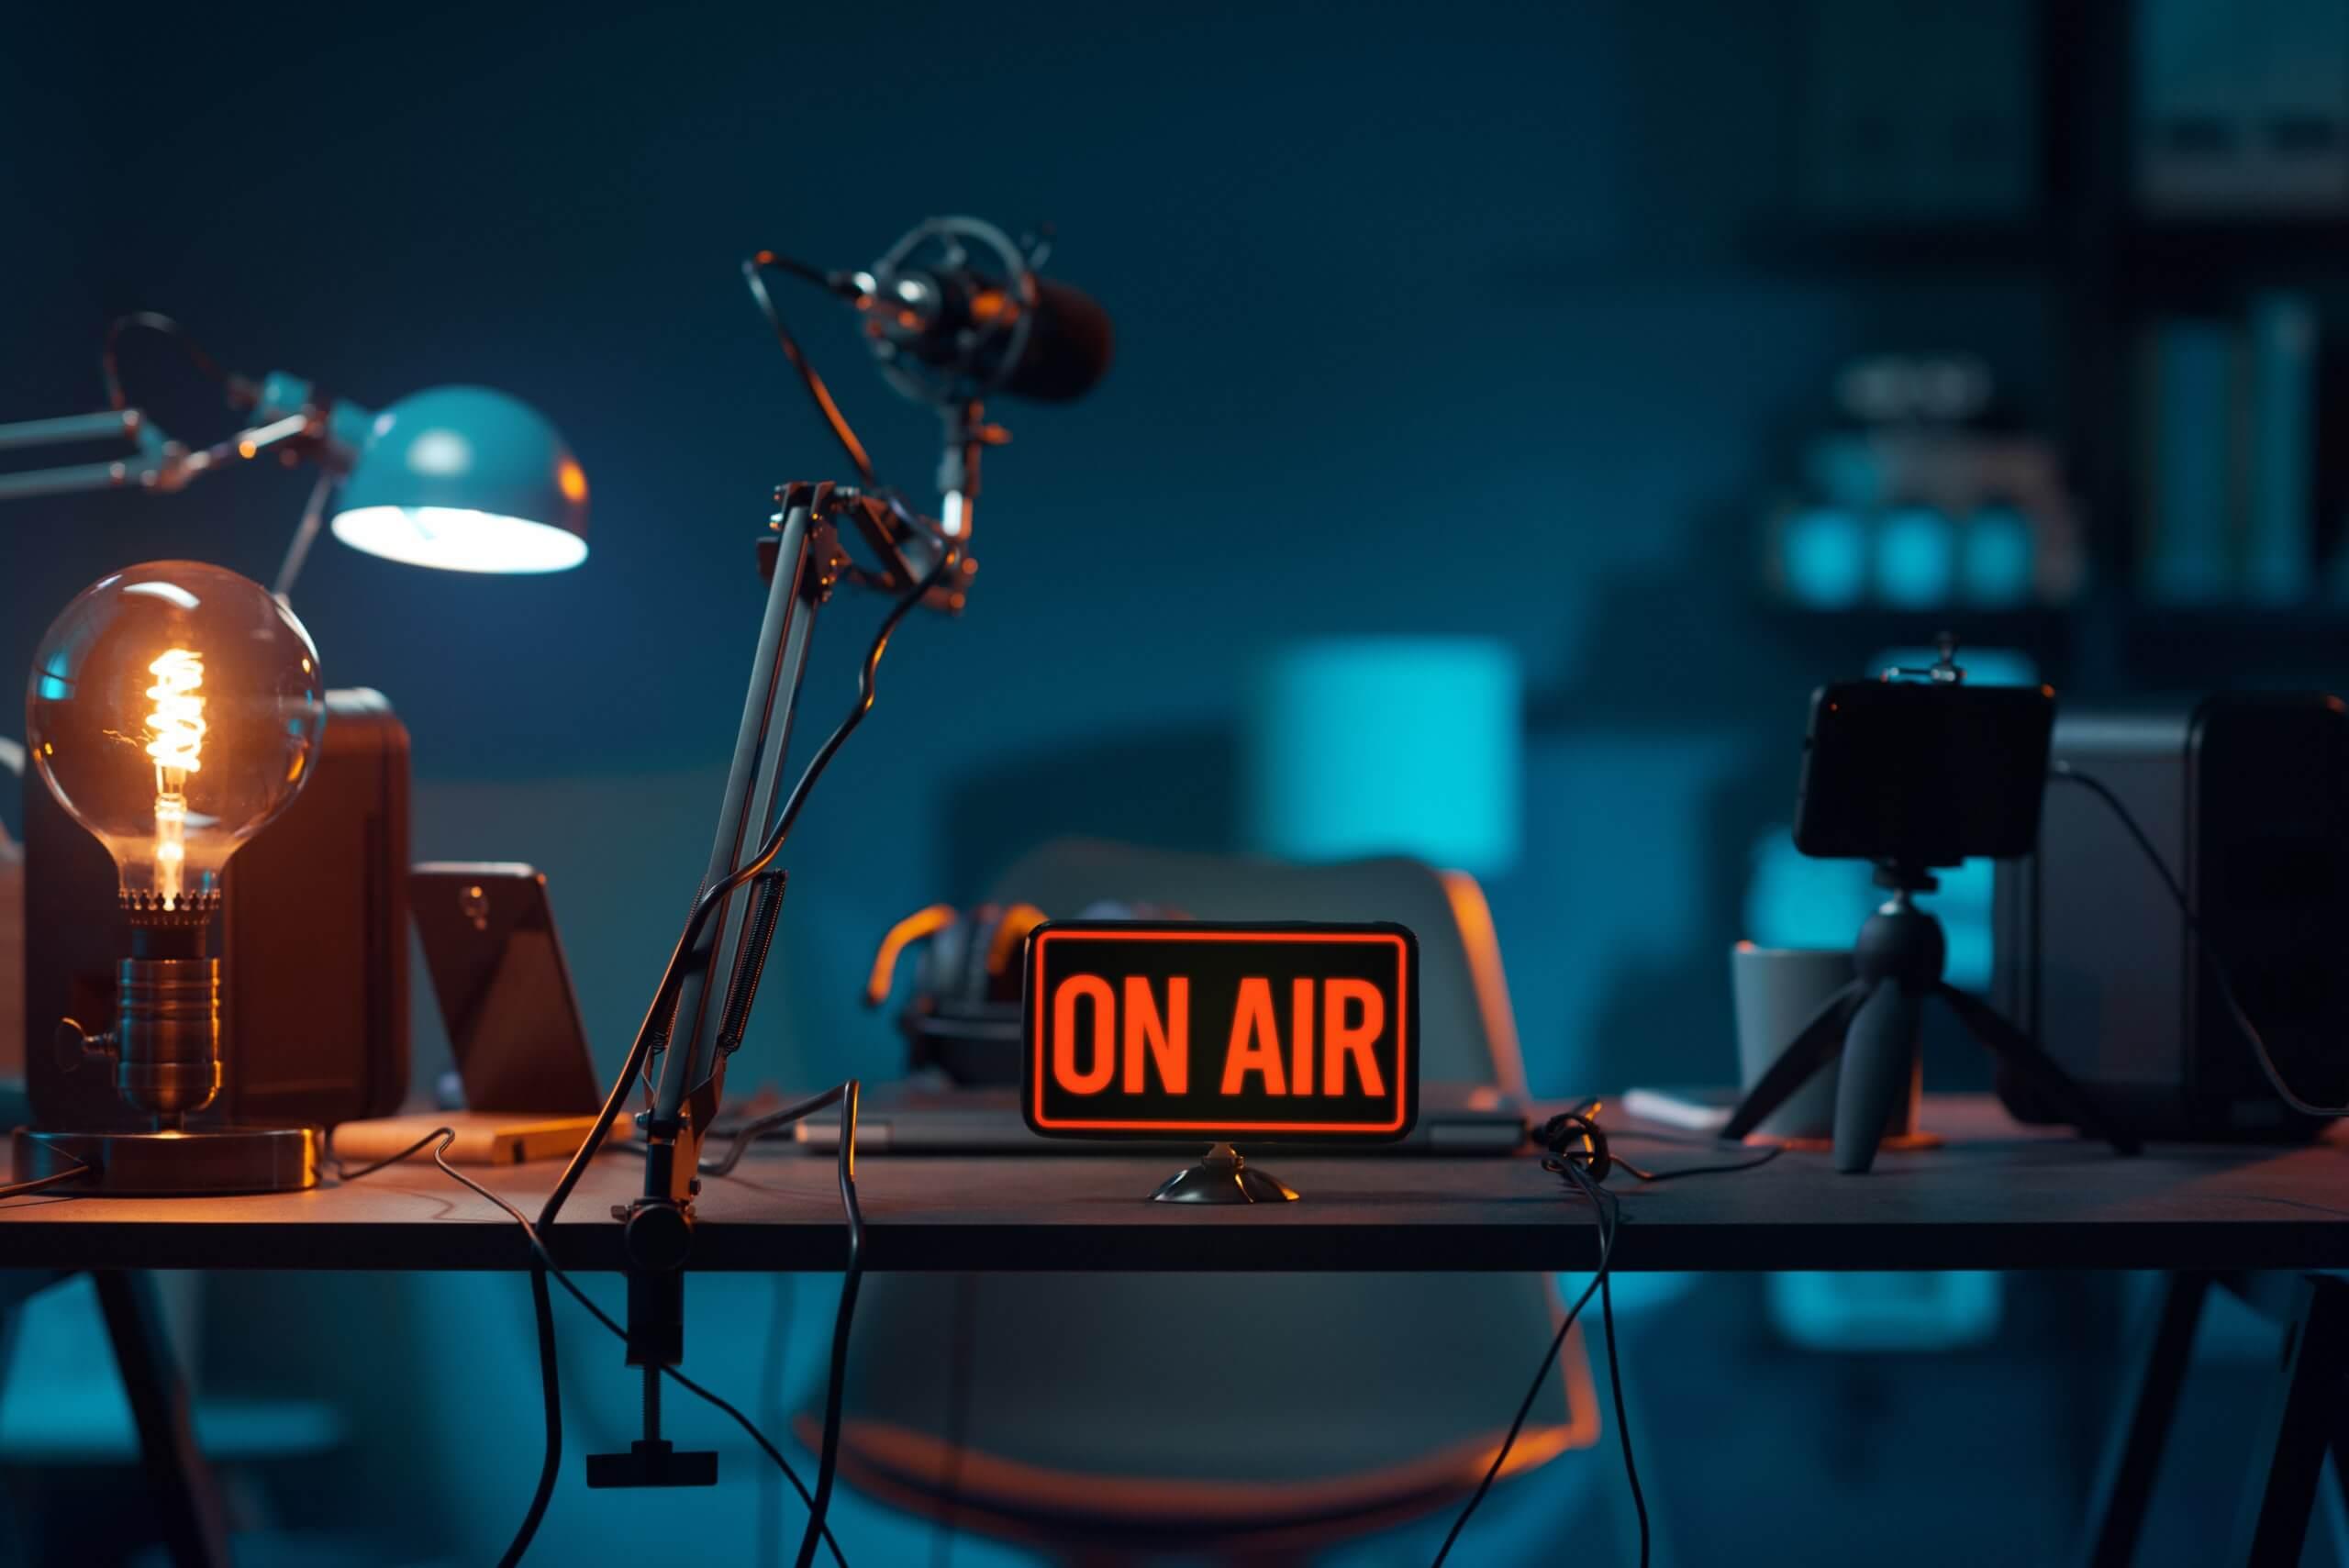 5 Ide Konten Podcast yang Diminati oleh Banyak Pendengar